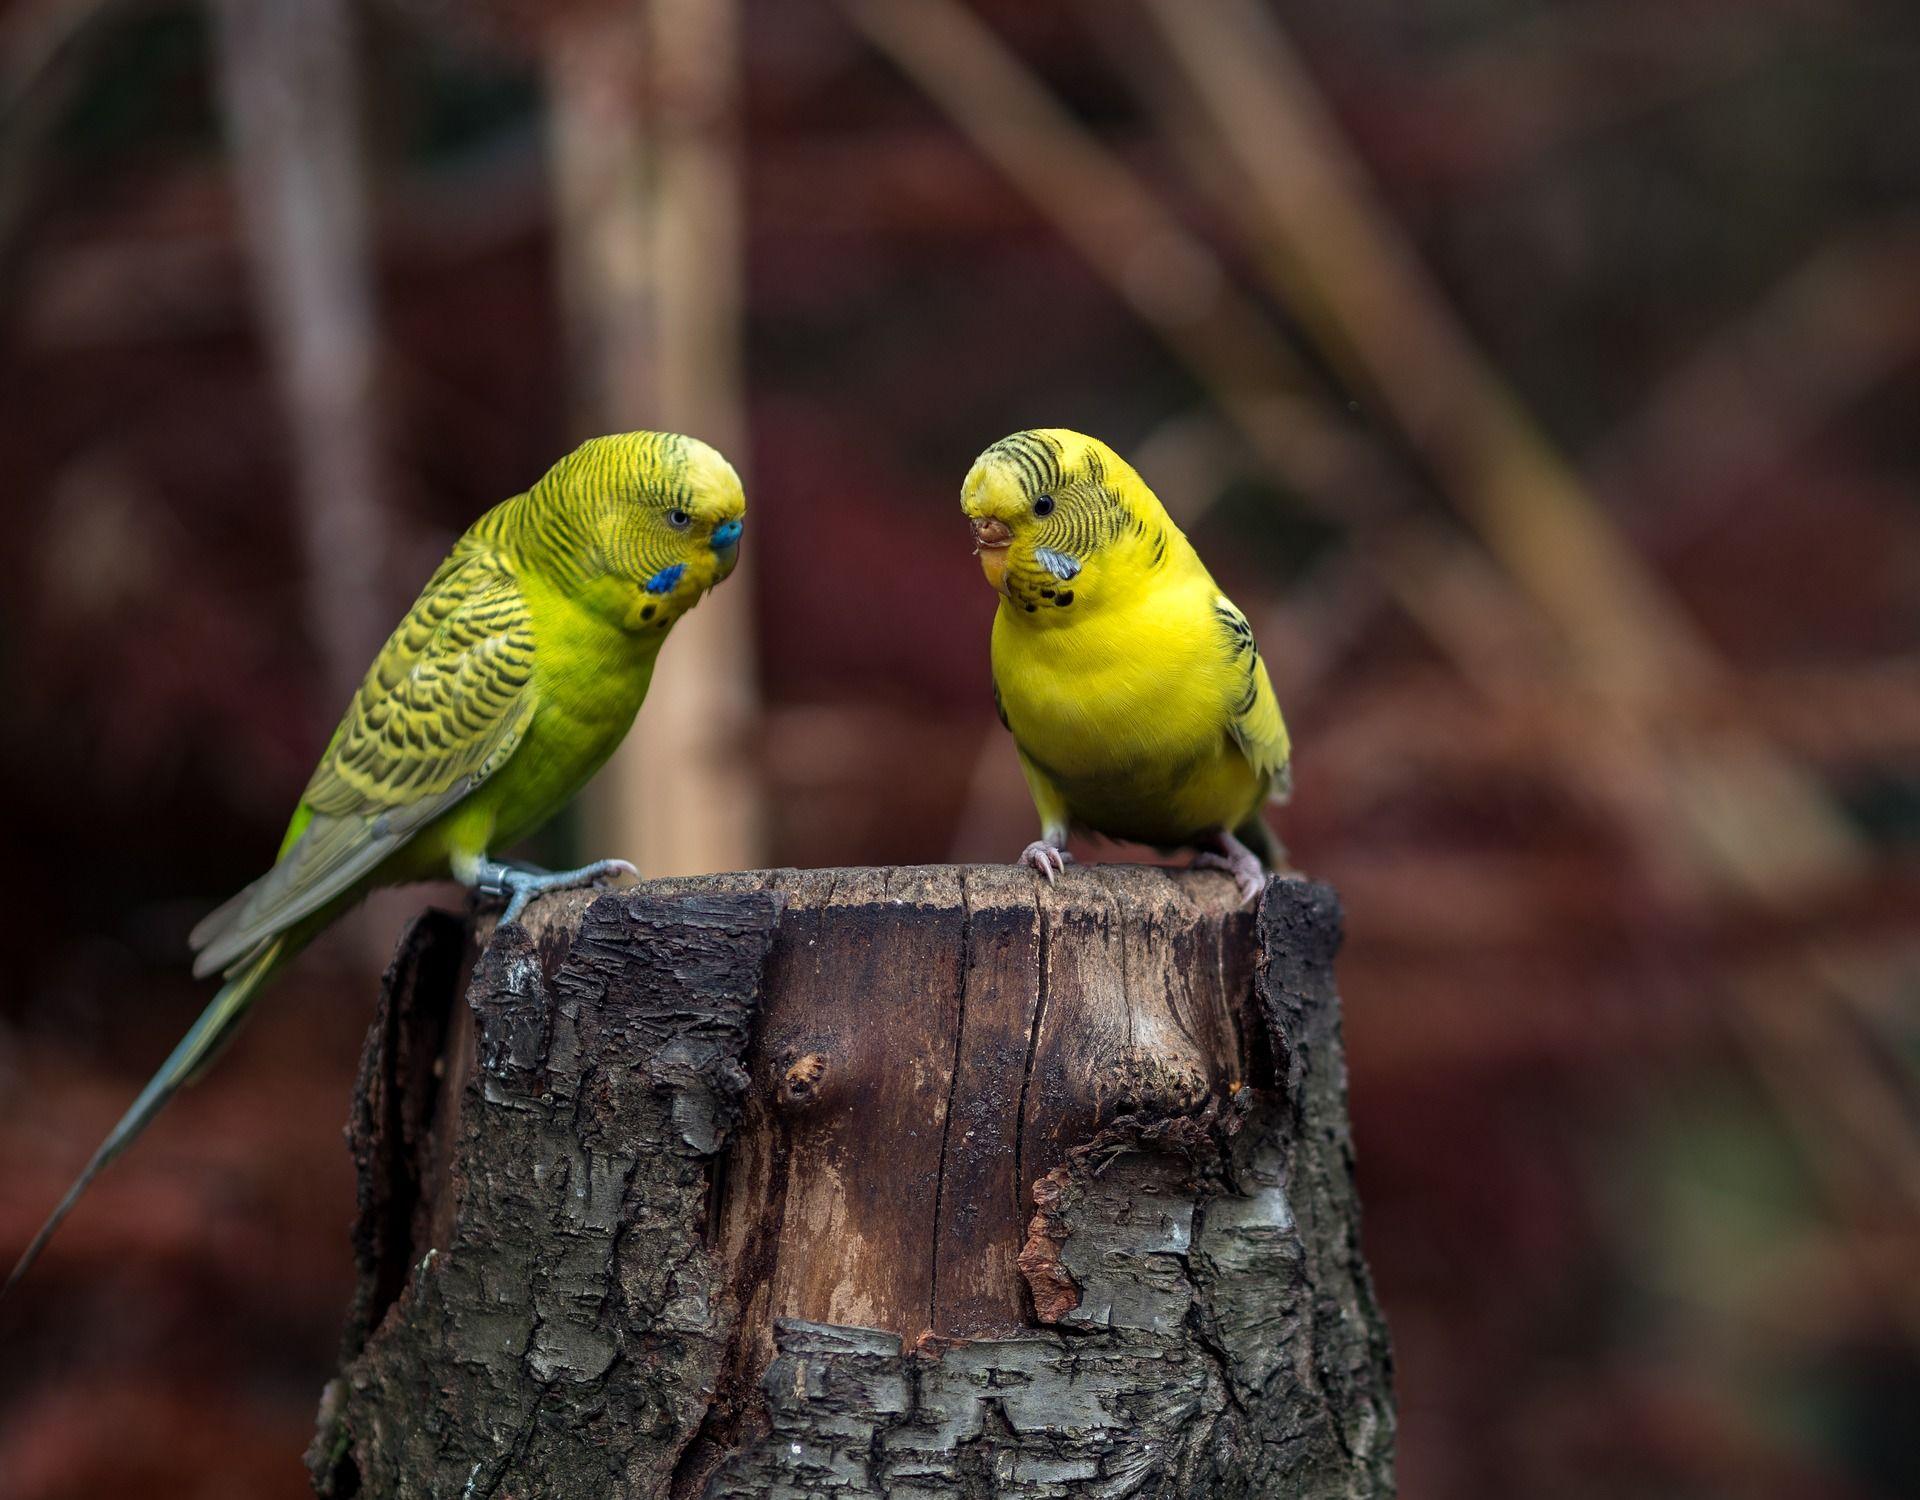 Смотреть красивое фото домашних попугаев в хорошем качестве